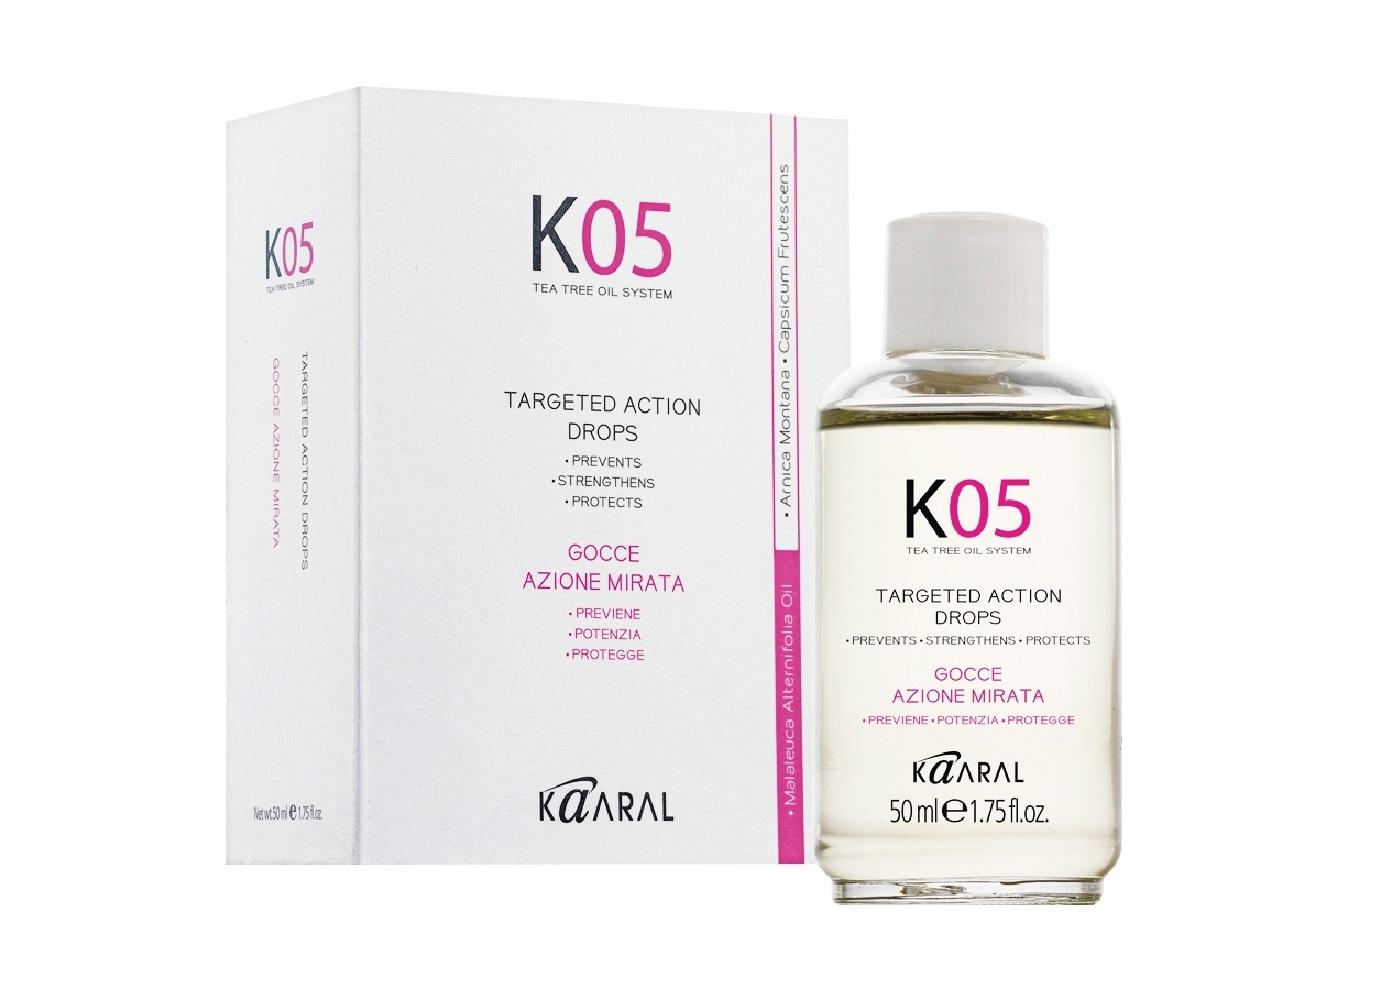 Kaaral Жидкость против выпадения волос направленного действия К05 Gocce Azione Mirata, 50 мл1052Комплекс предназначен для применения при очаговом выпадении волос.